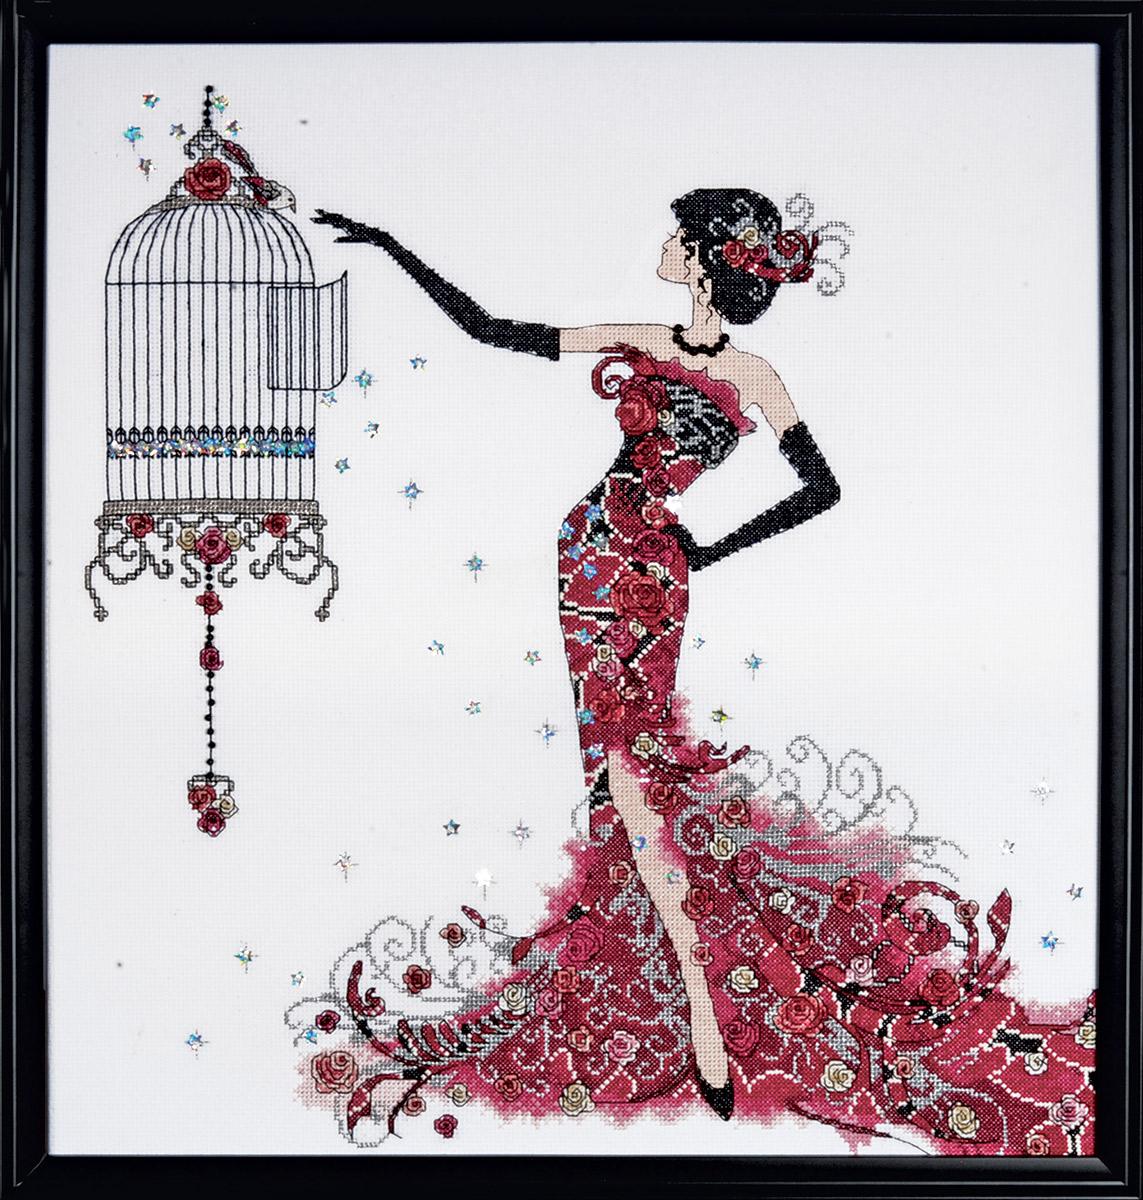 Набор для вышивания крестом Design Works Птичья клетка, 40 х 43 см2754Дизайнер Клэр Коксон (Bird Cage, Claire Coxon).